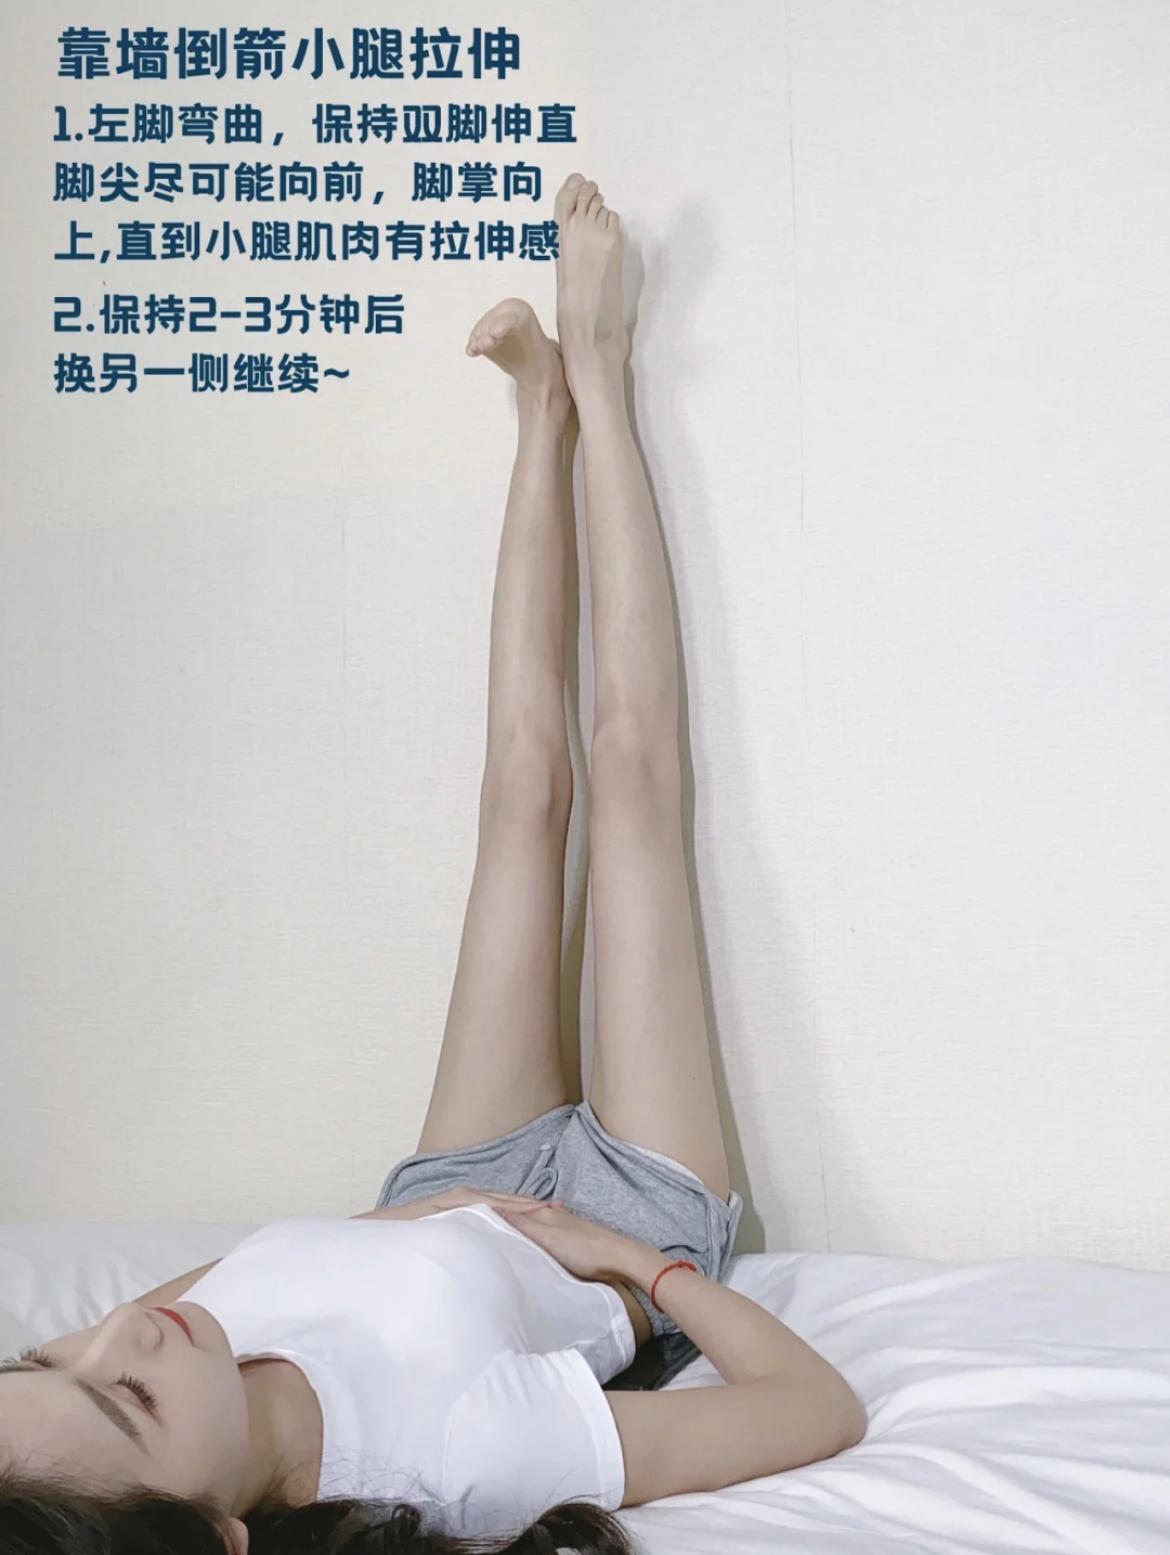 瘦腿第二招 靠牆倒箭小腿拉伸